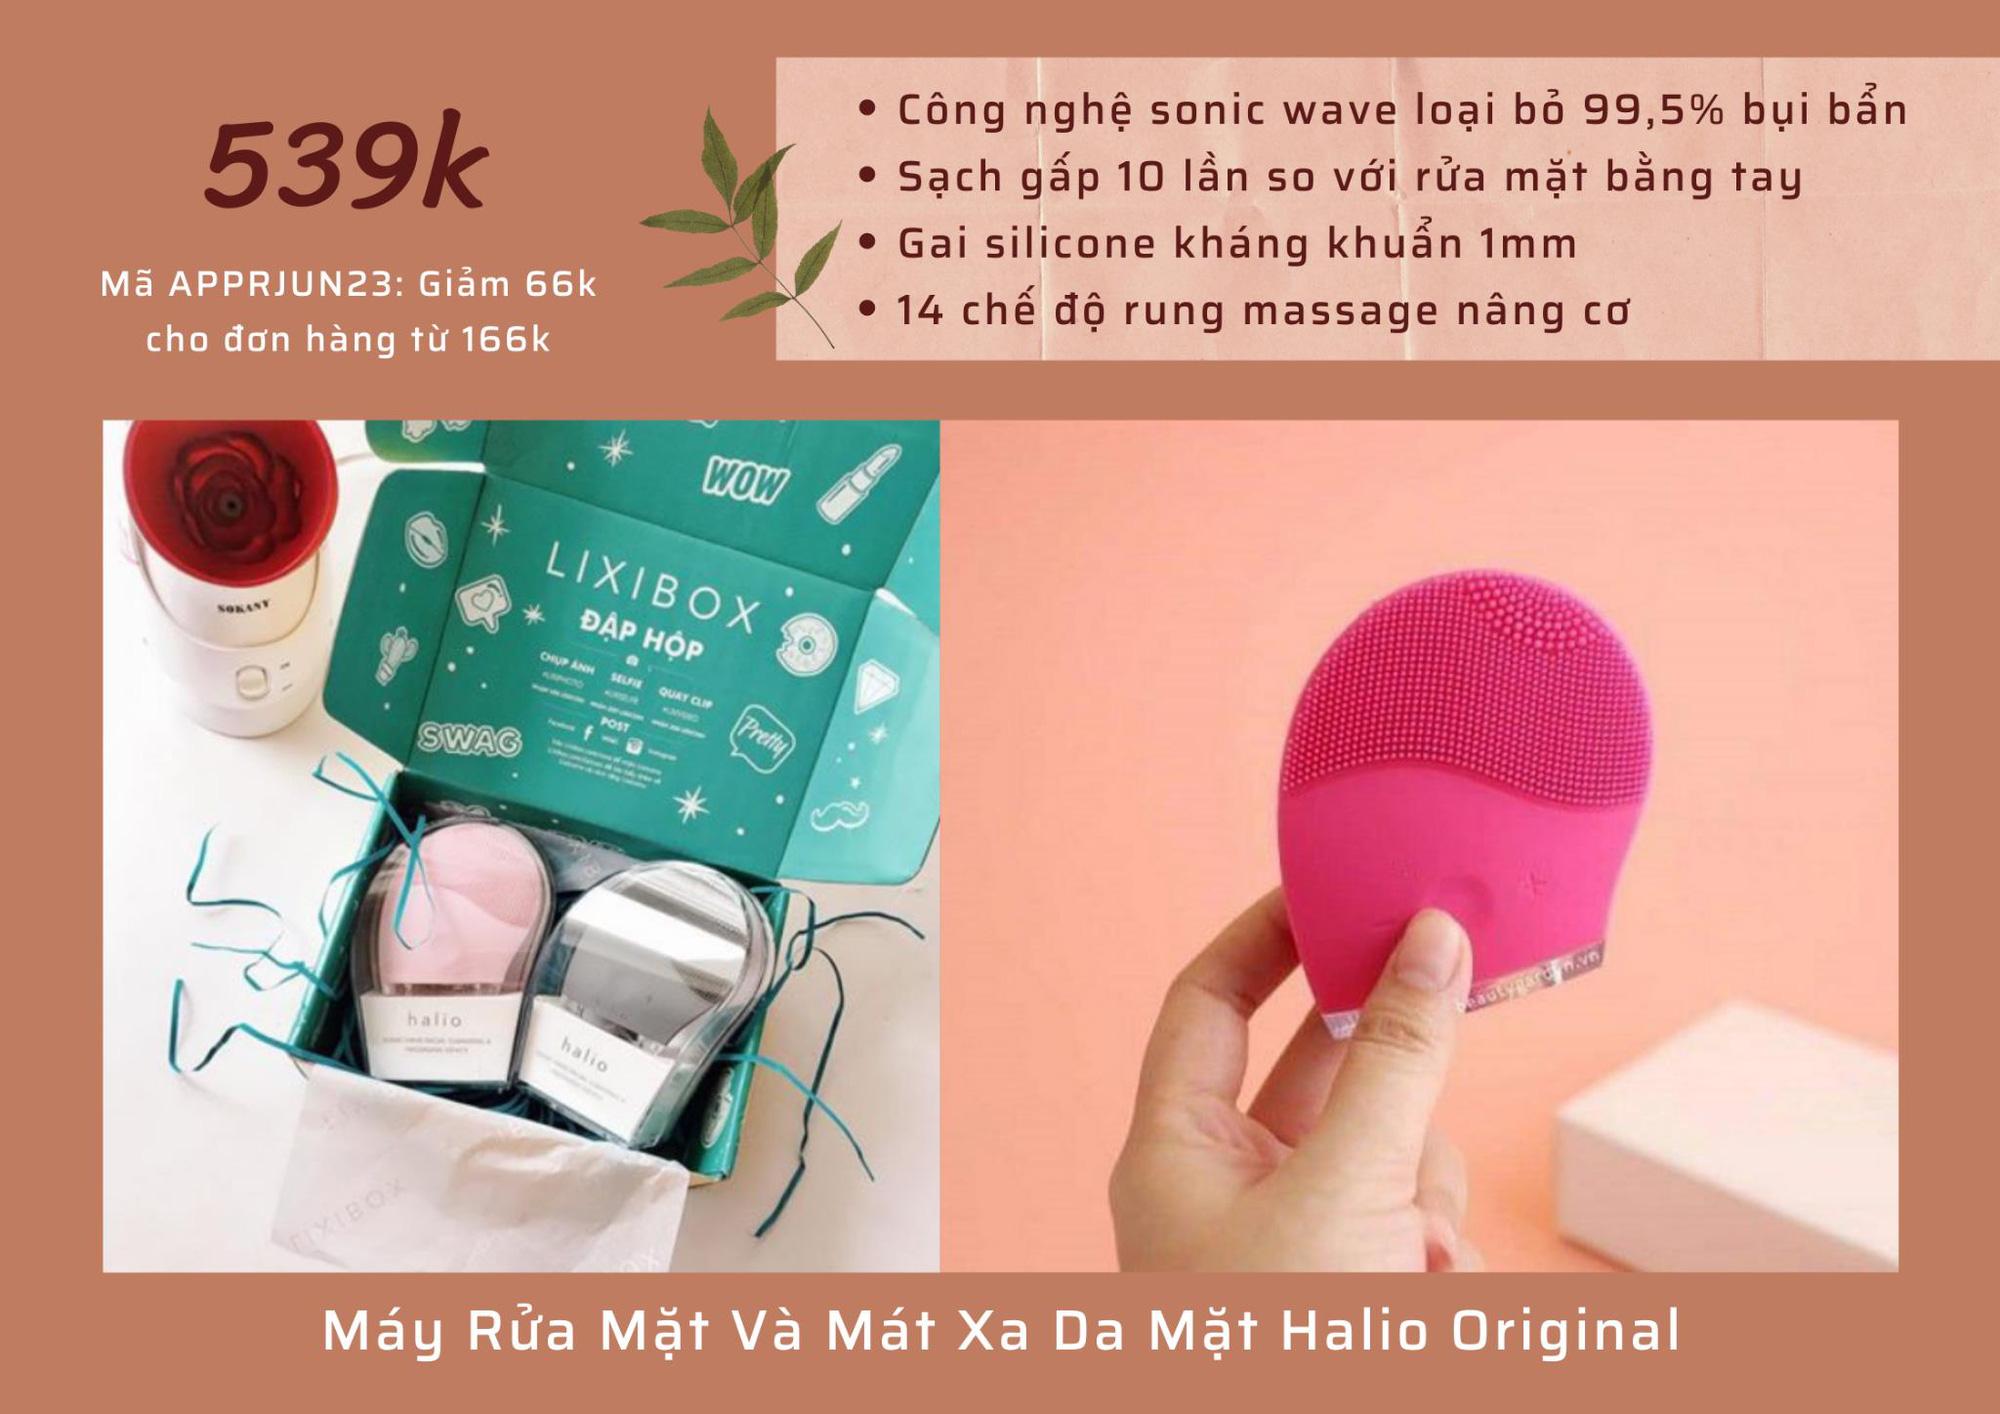 """4 thiết bị chăm sóc da tại nhà đem lại hiệu quả """"thần thánh"""" được hội mê skincare thi nhau đầu tư - Ảnh 1."""